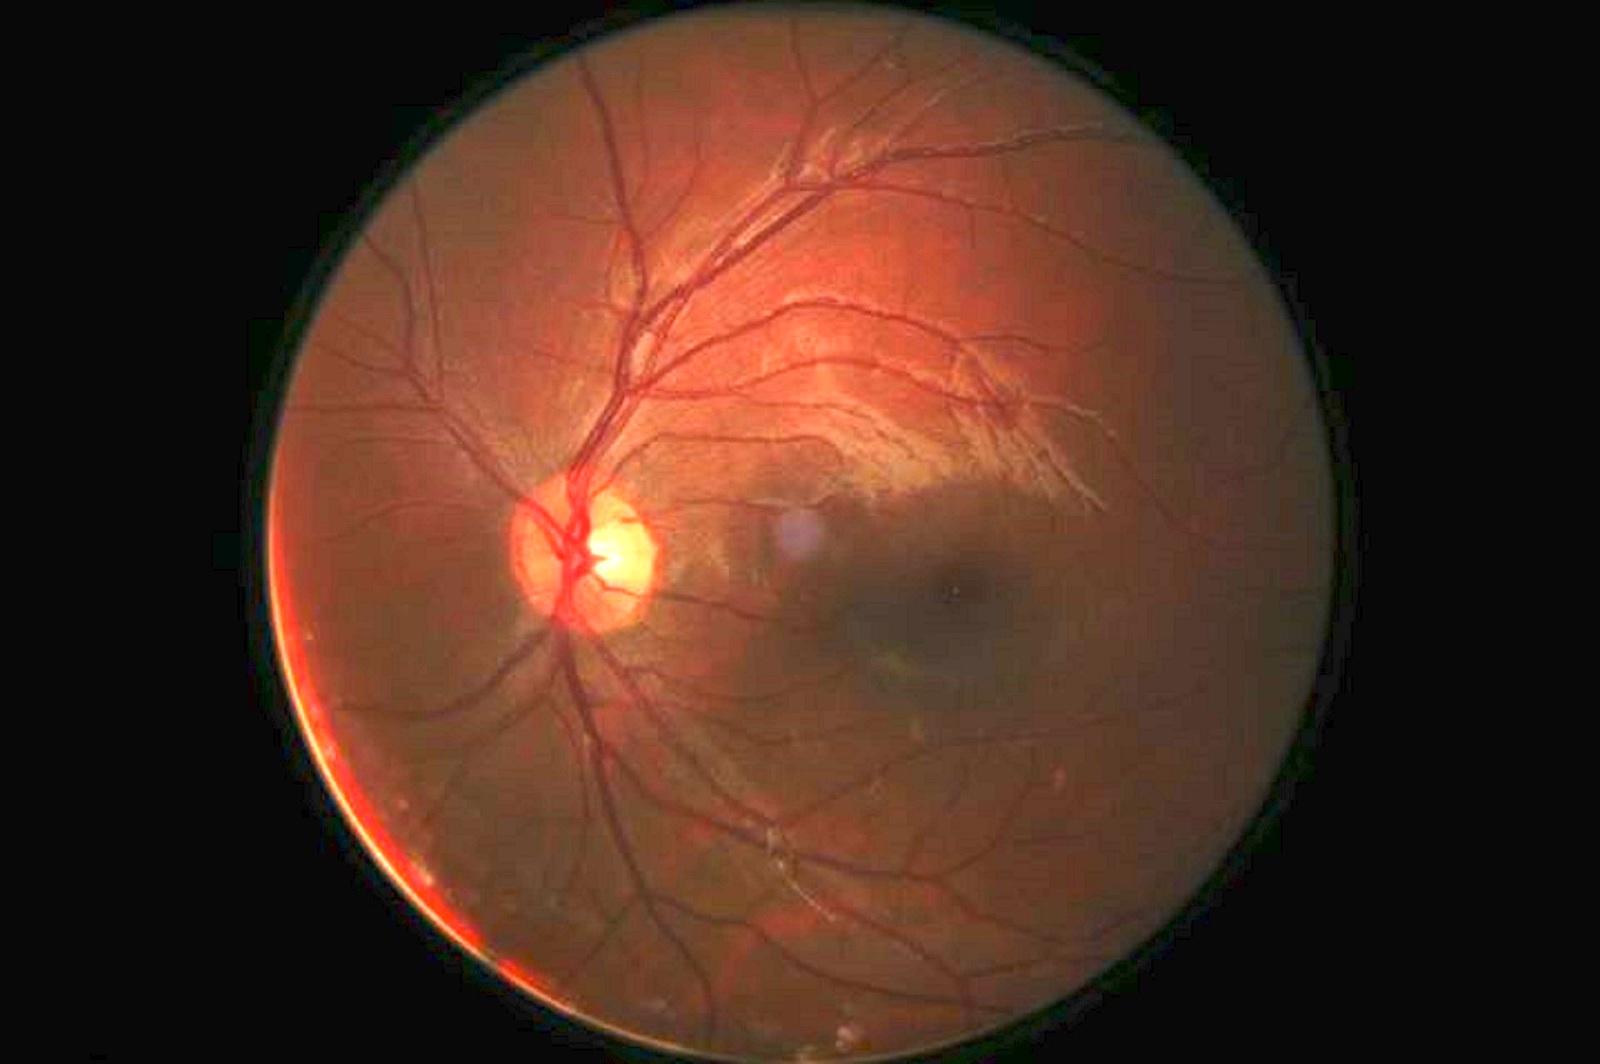 refacerea orbirii vederii